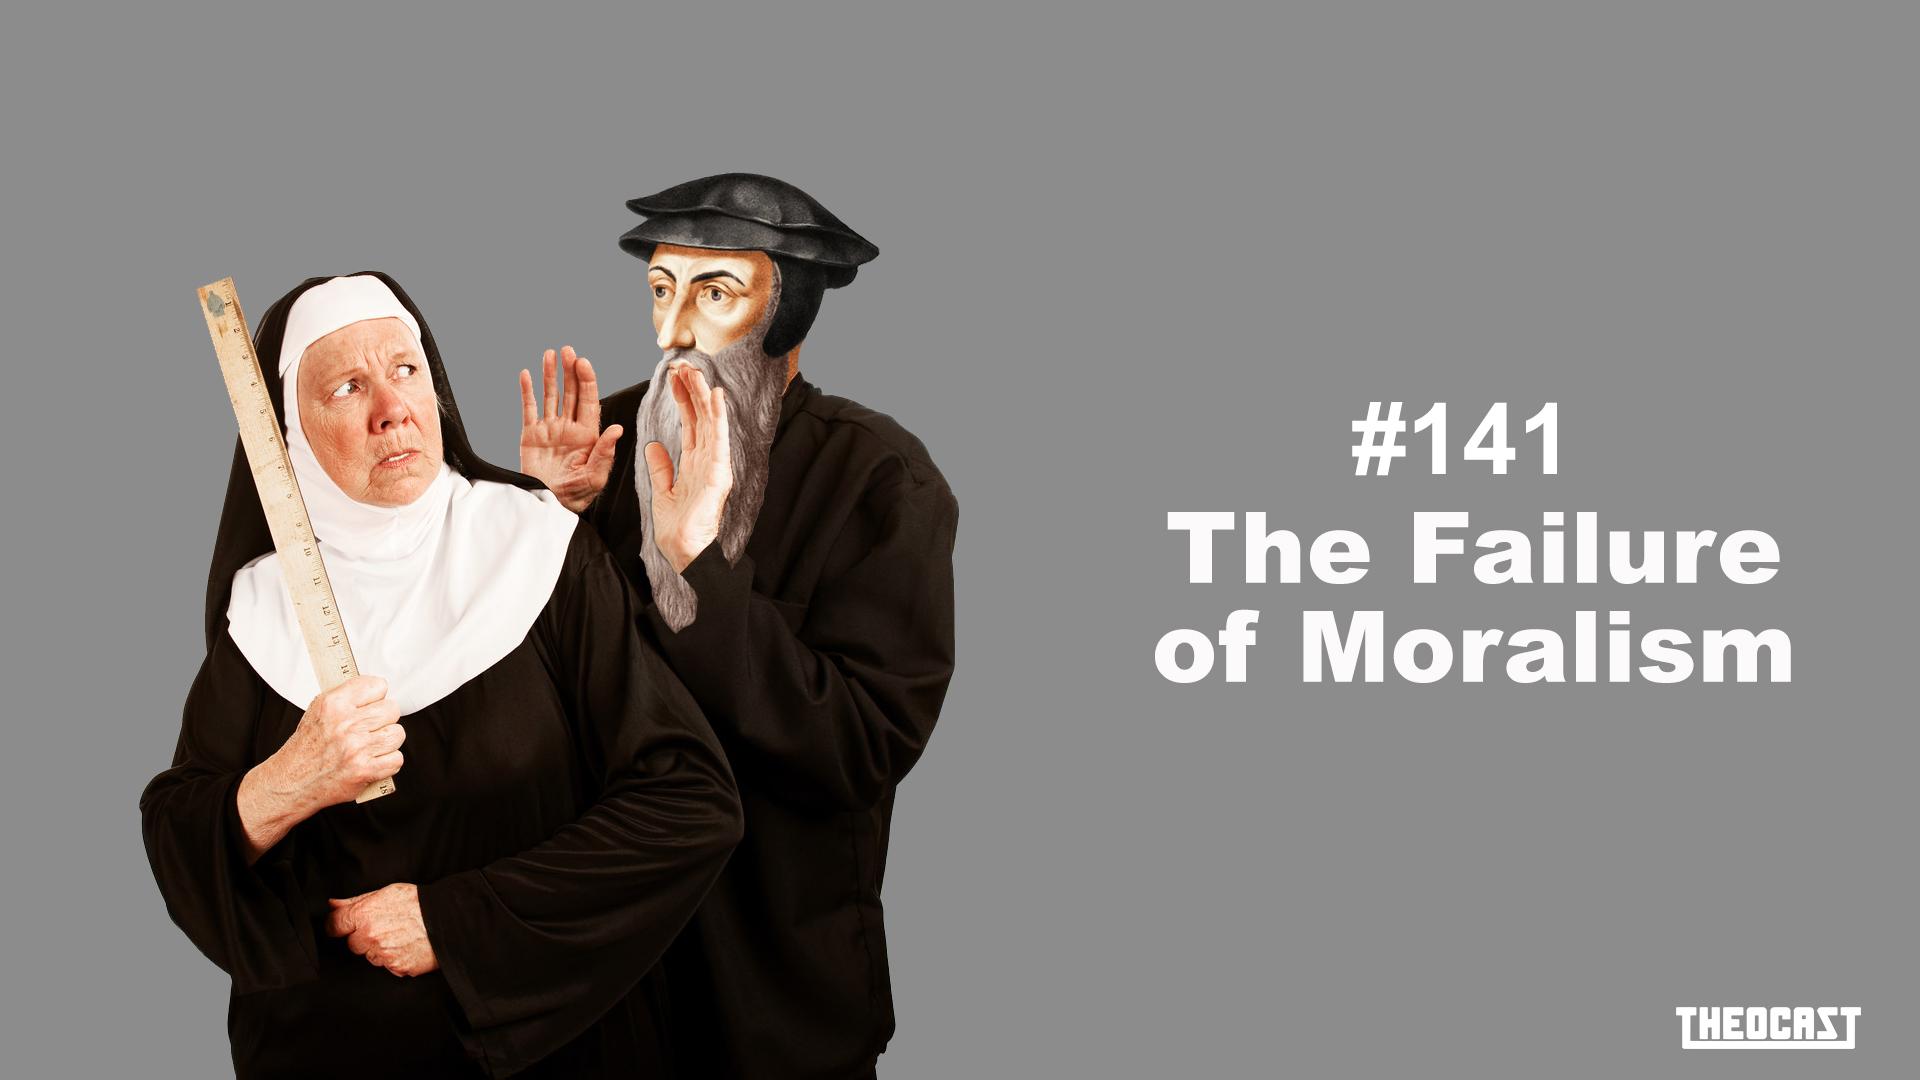 #141 Moralism